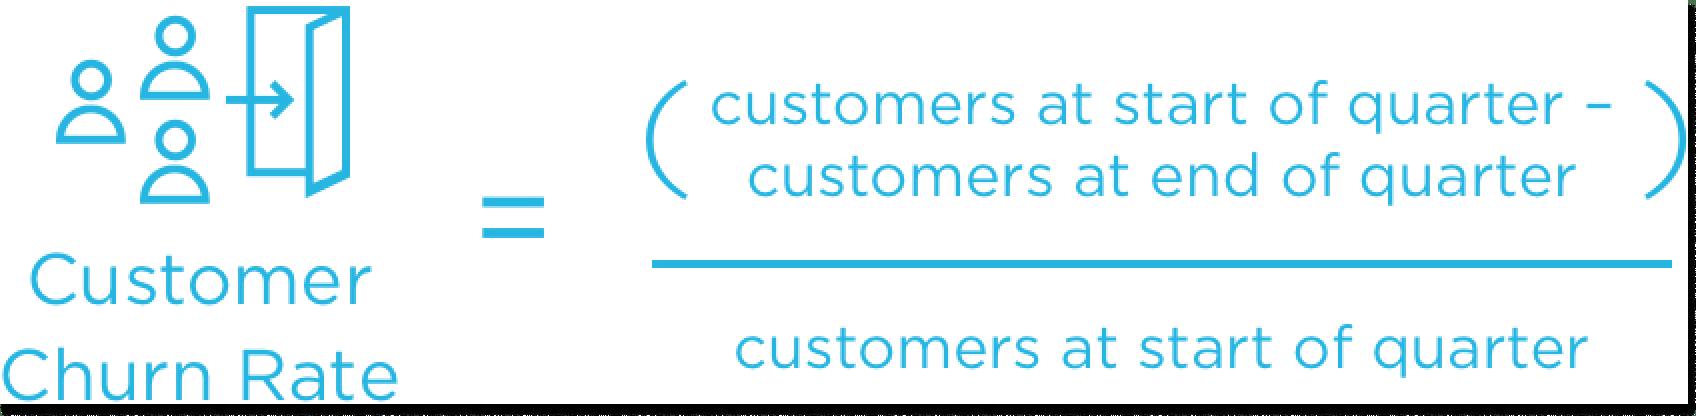 customer churn rate